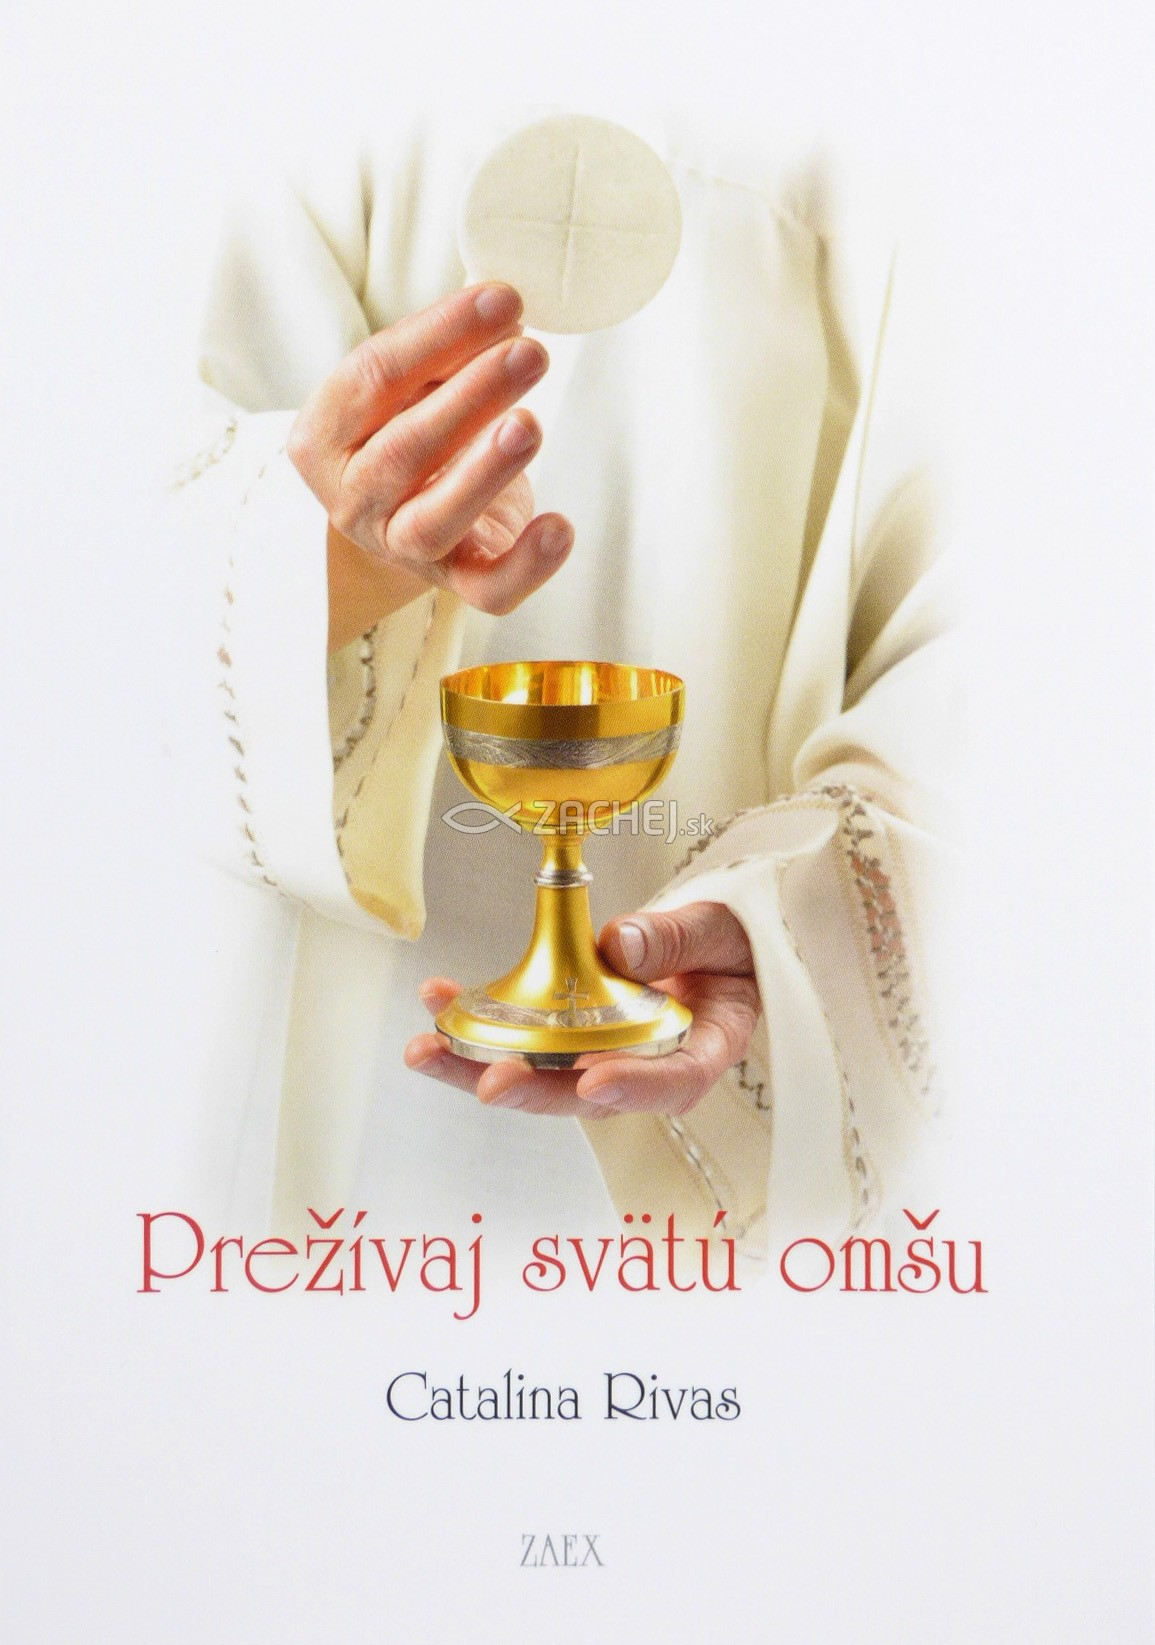 Prežívaj svätú omšu